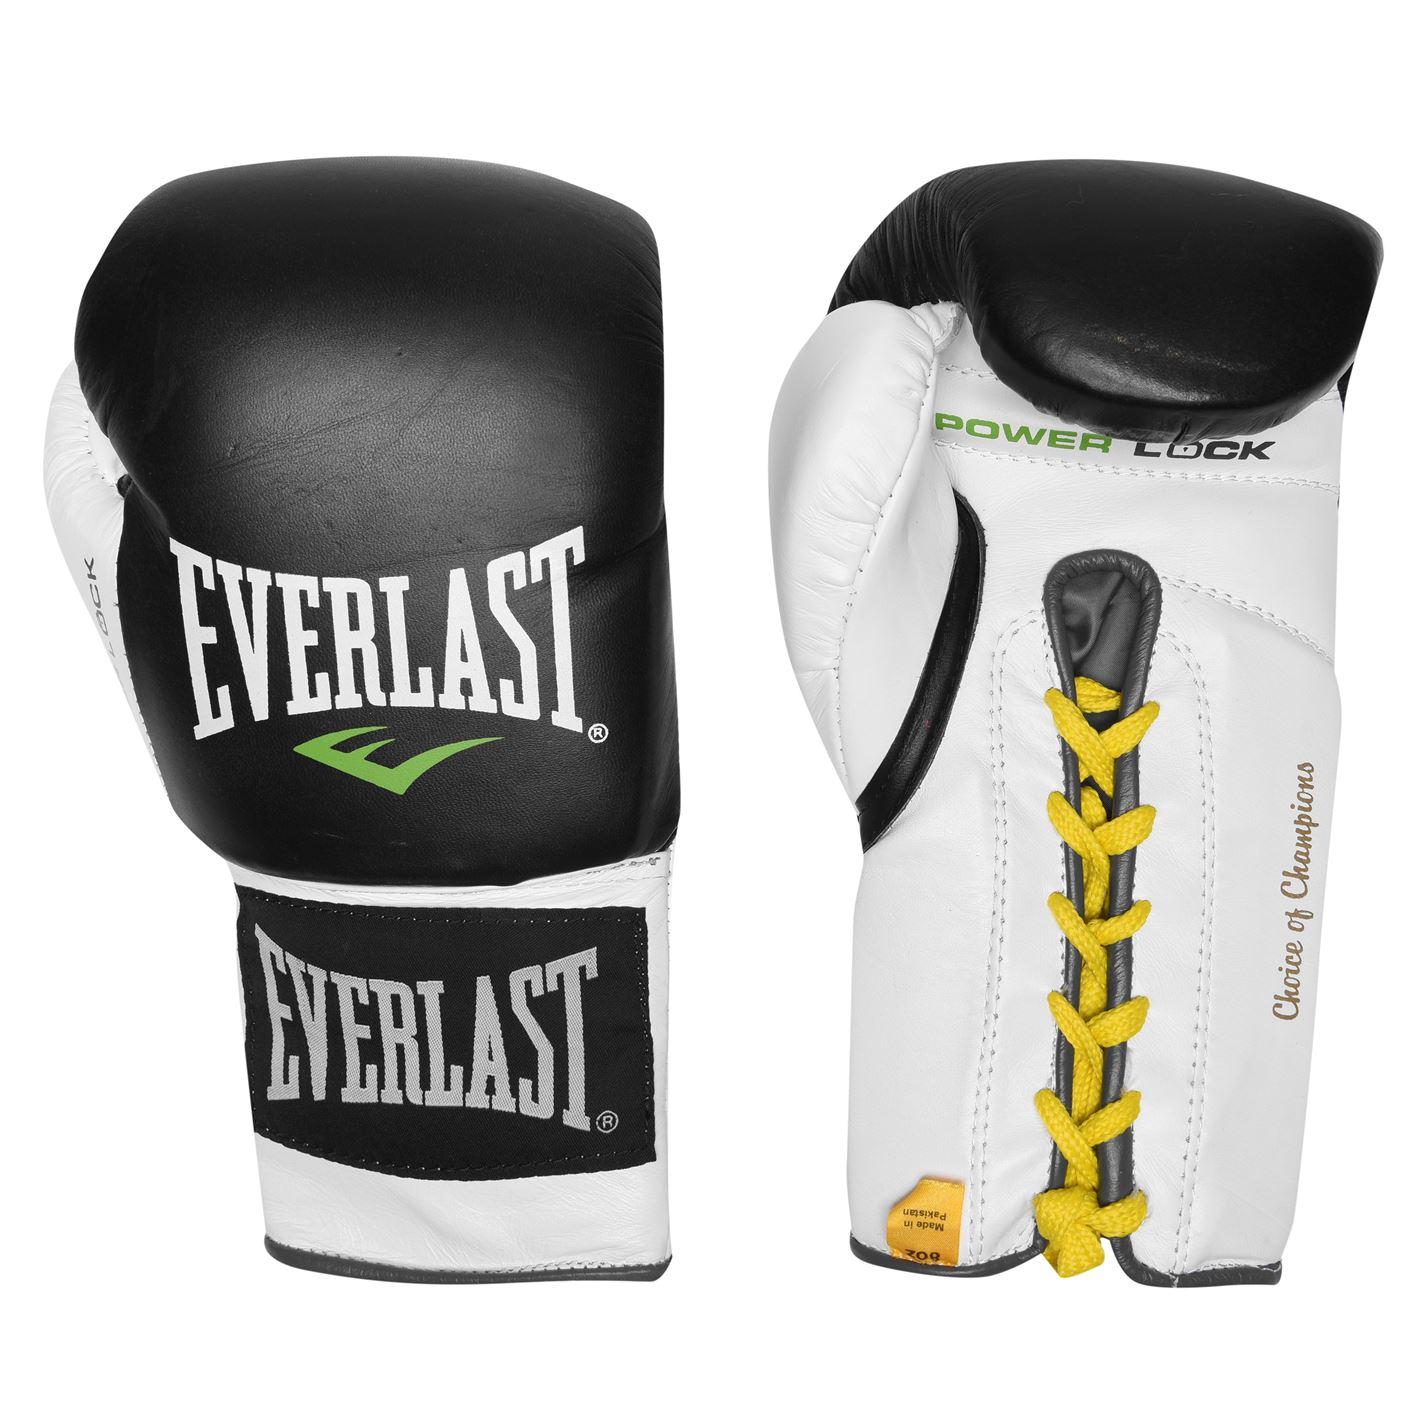 Everlast Lock Boxing Gloves Mens